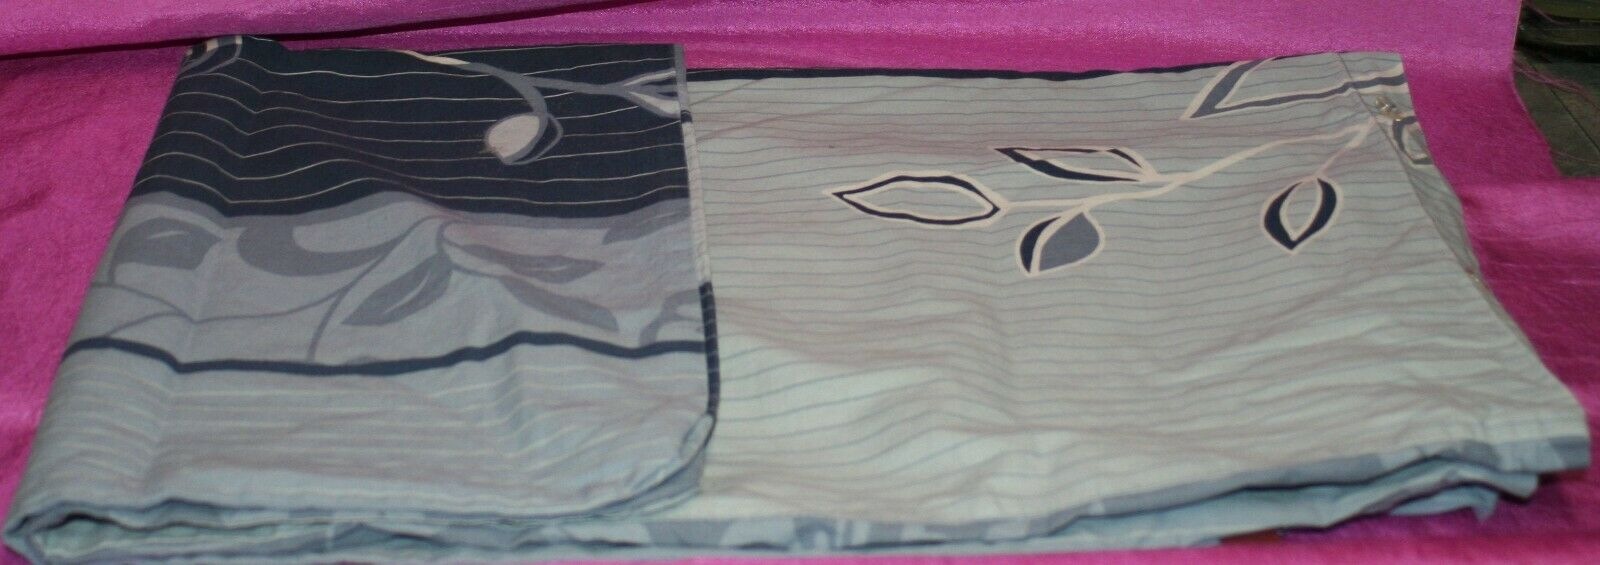 Bettwäsche (Bettbezug und Kopfkissenbezug ) blau gemustert